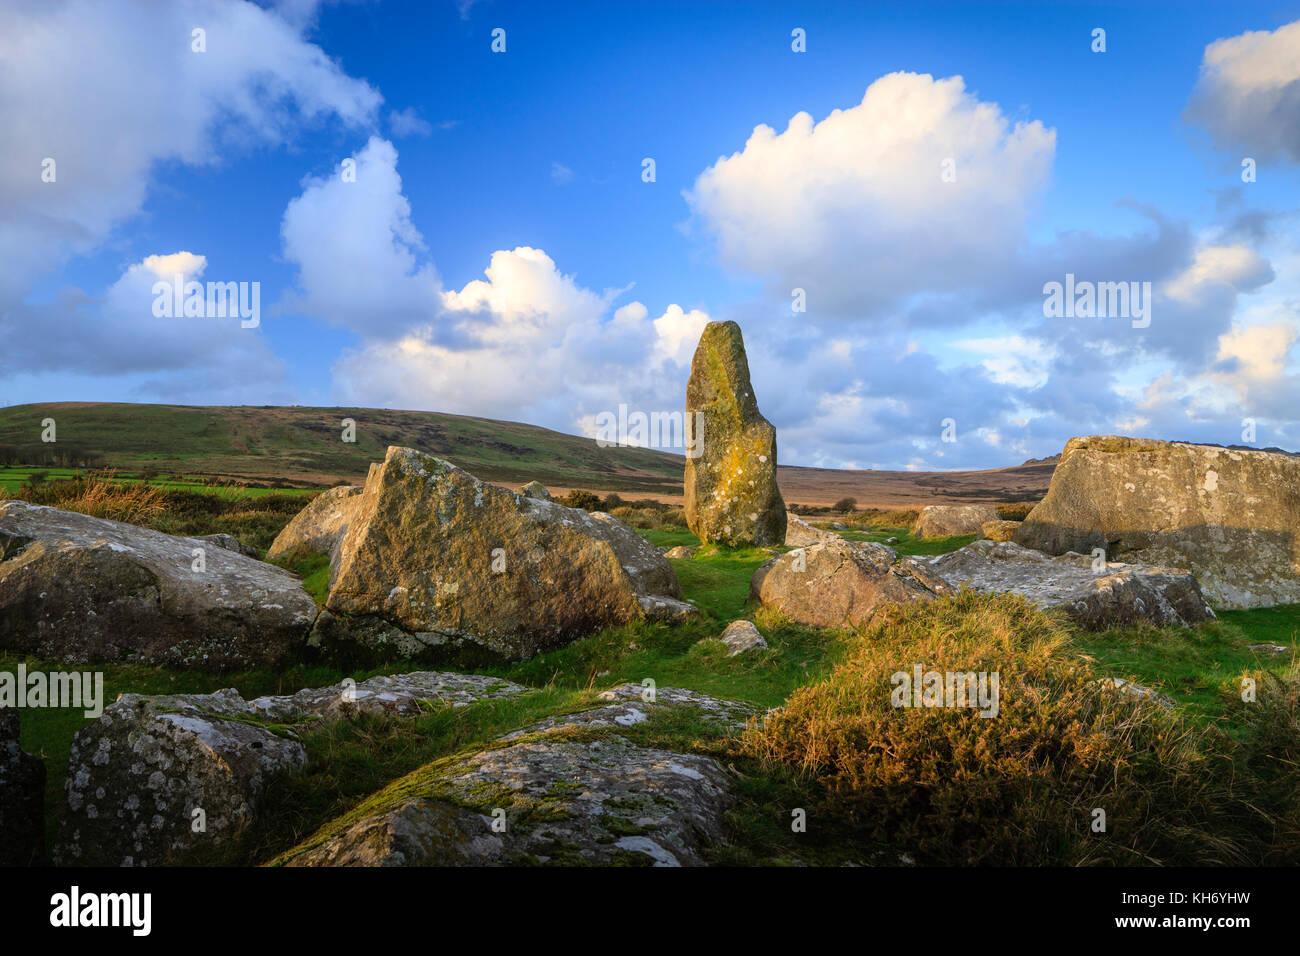 Carreg Waldo Rhos Fach Mynachlog-ddu Pembrokeshire Wales - Stock Image